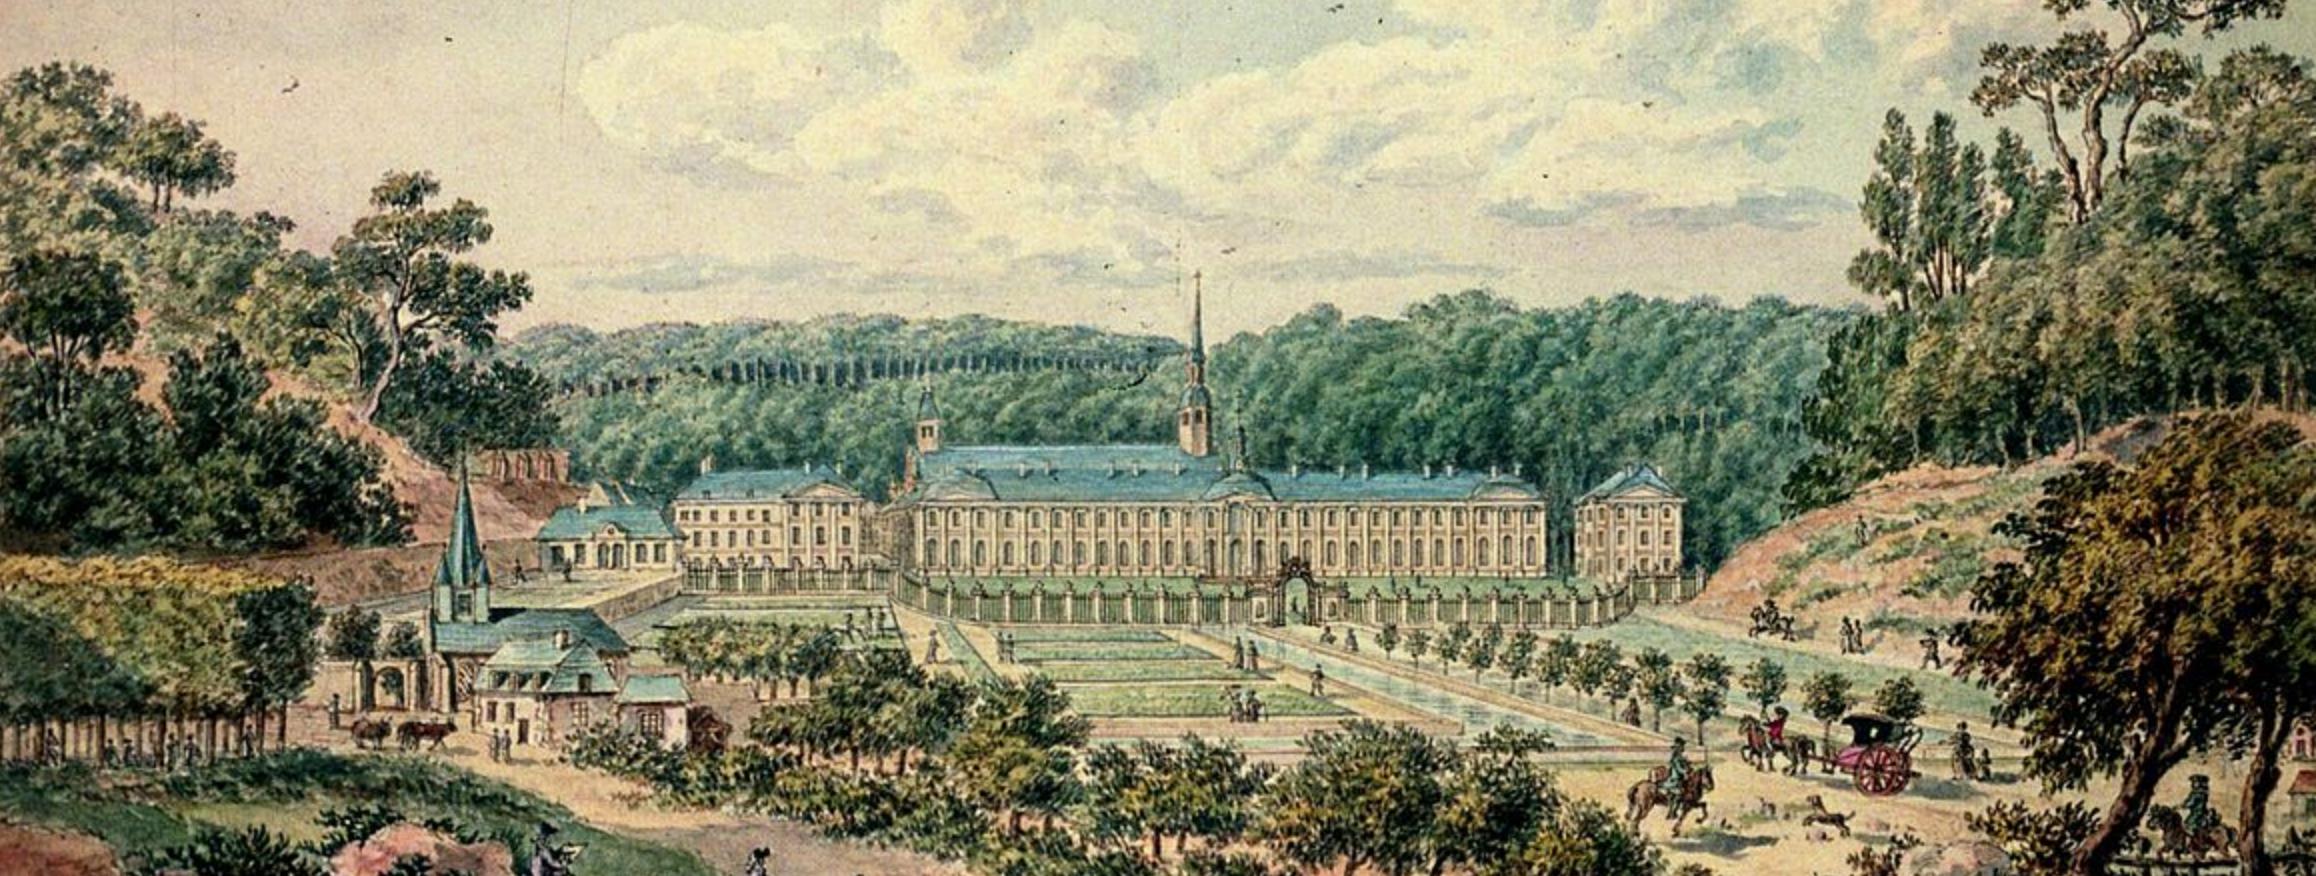 Public Talk: The Lost Women of Prémontré